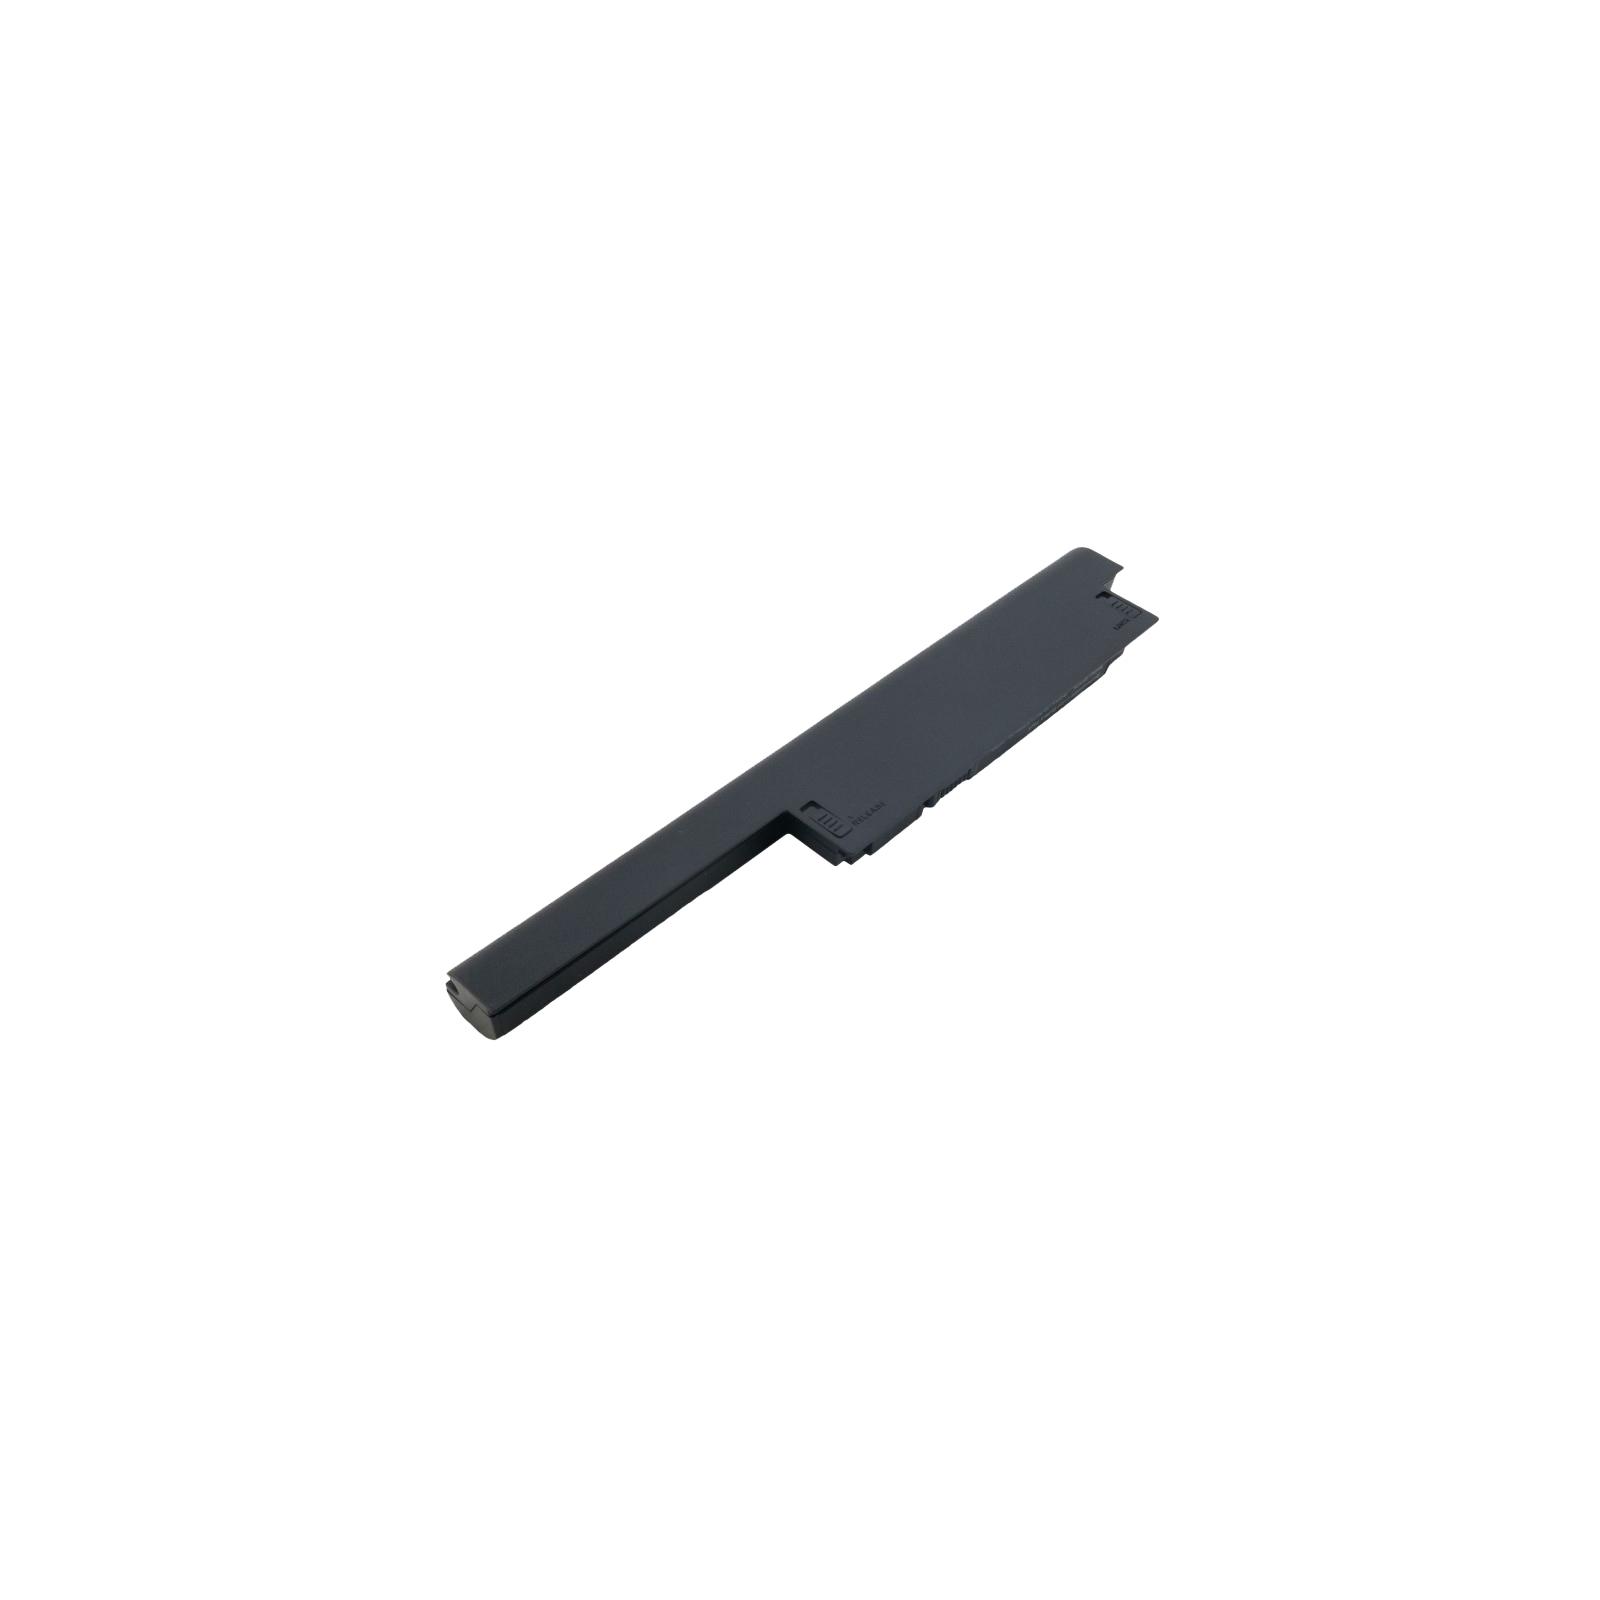 Аккумулятор для ноутбука Sony VAIO (VGP-BPS26) 5200 mAh, 56 Wh EXTRADIGITAL (BNS3966) изображение 2